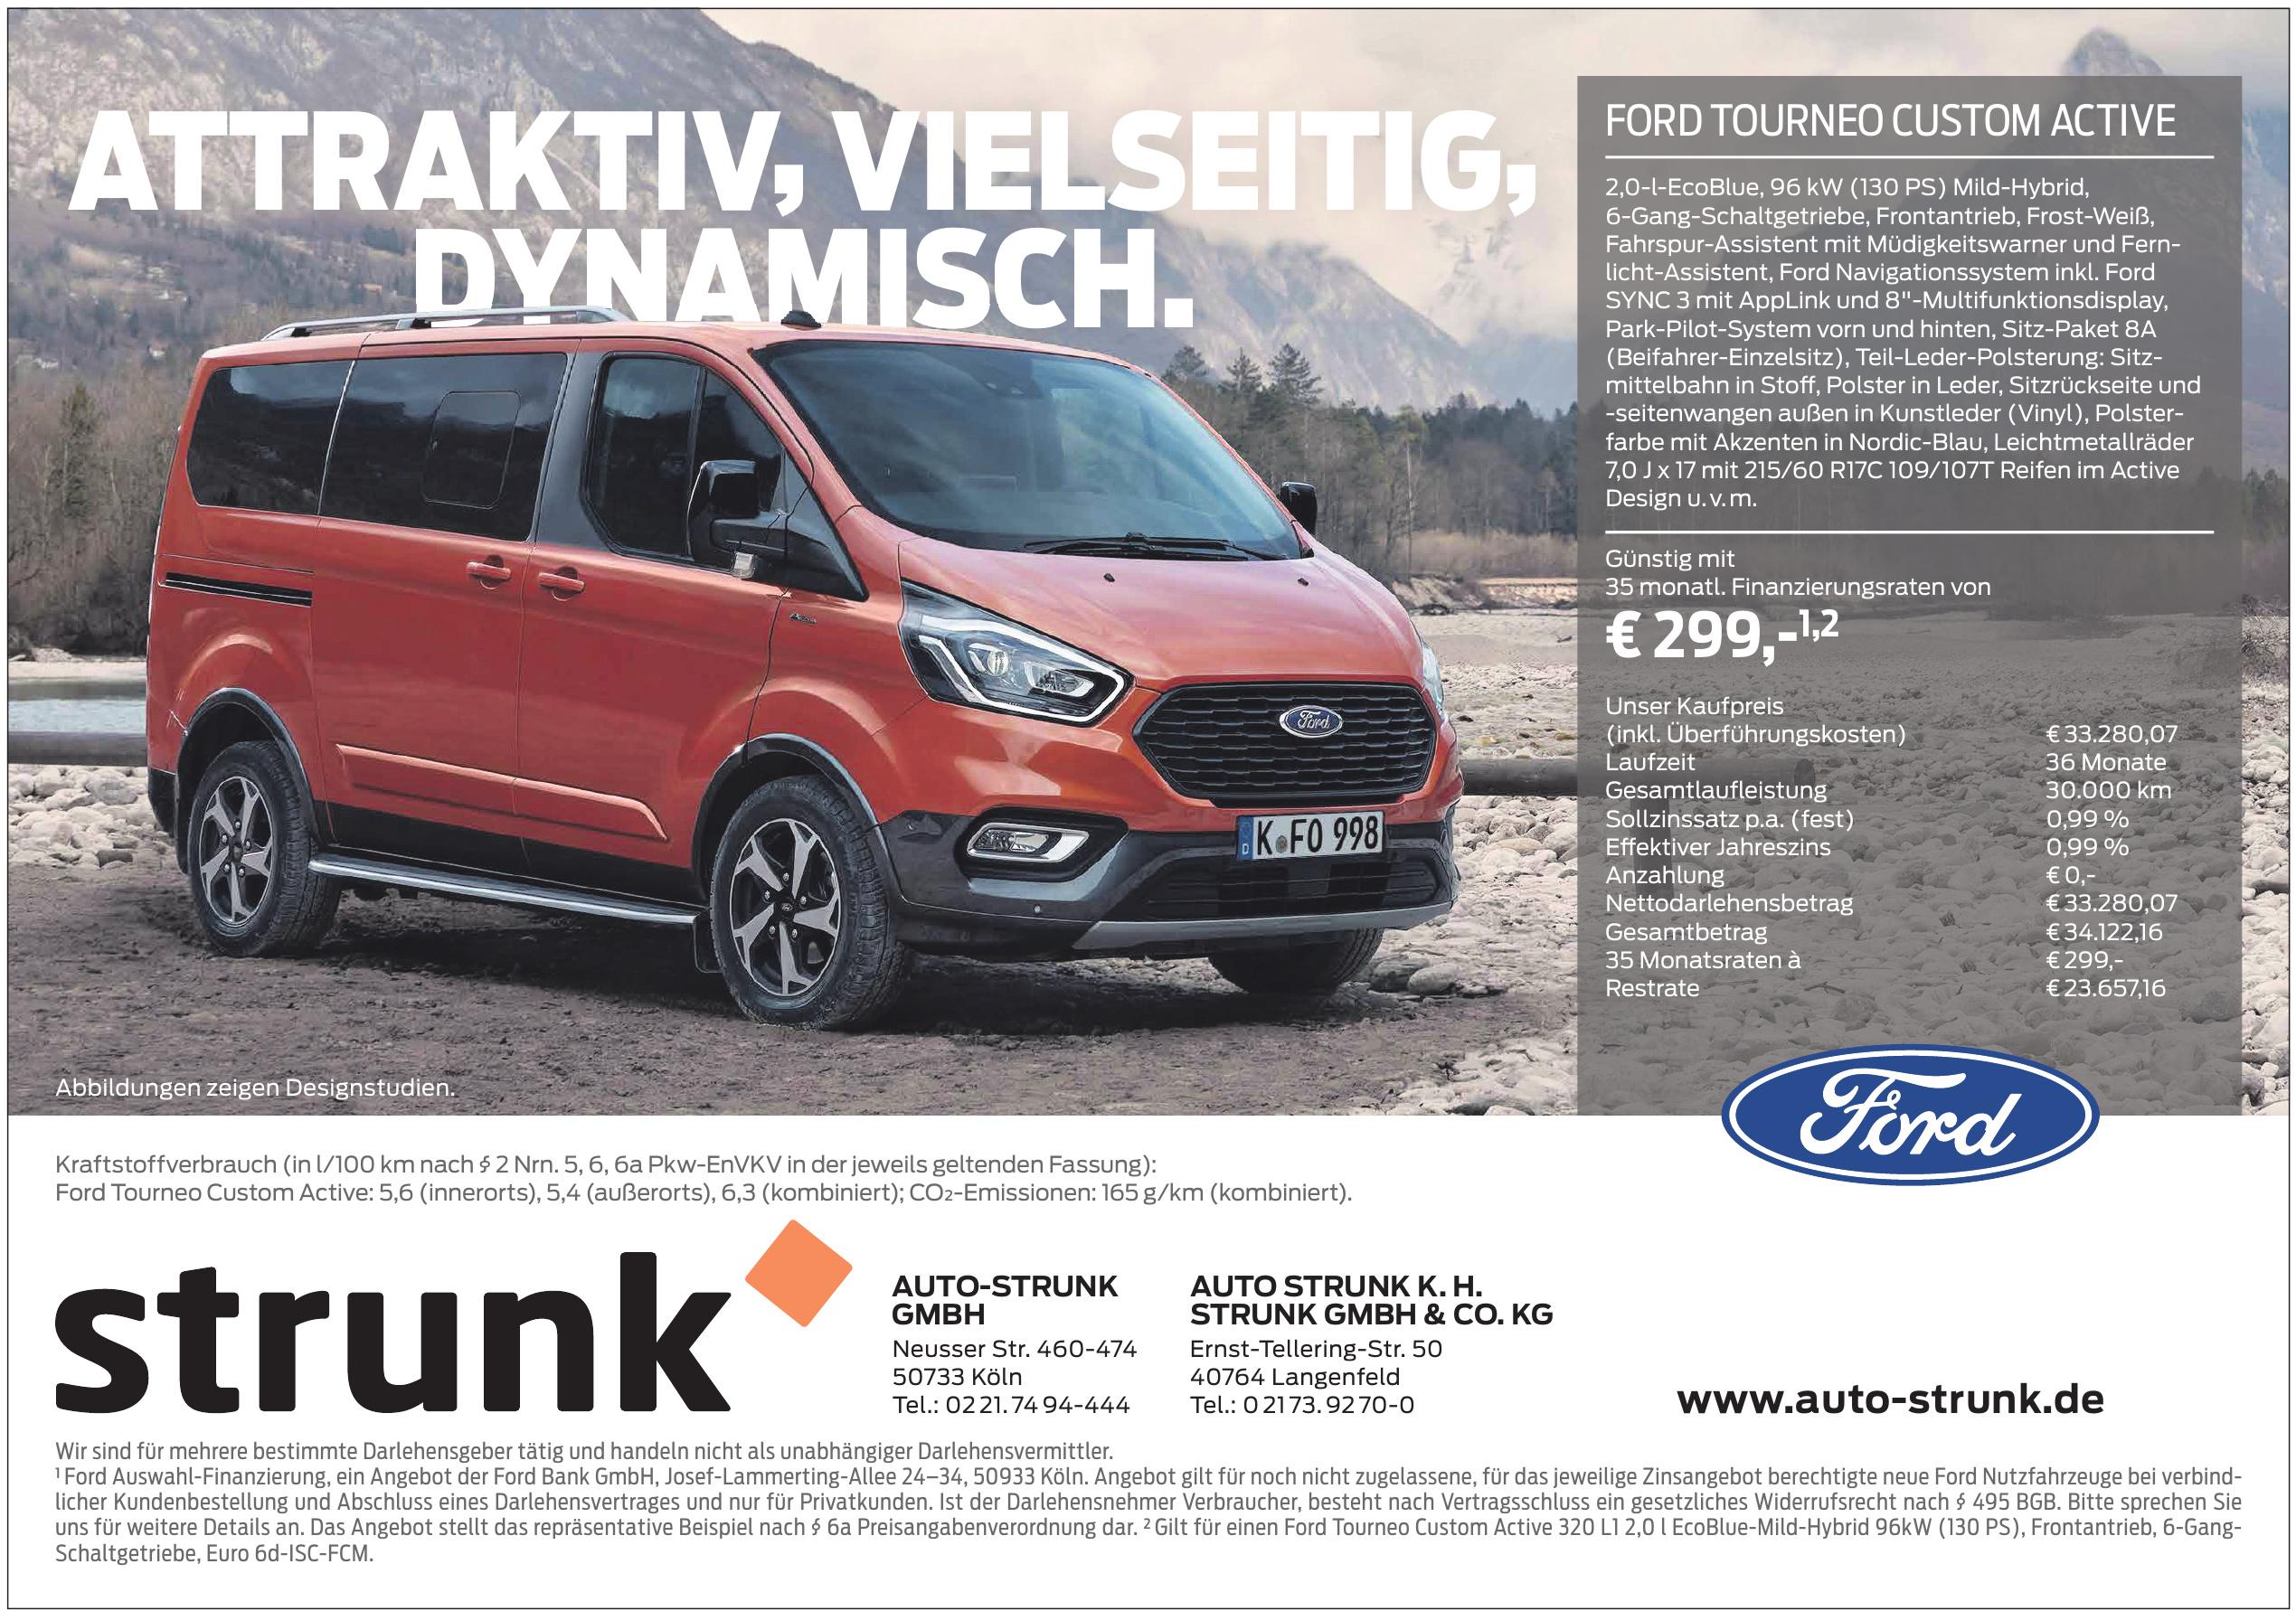 Auto-Strunk GmbH